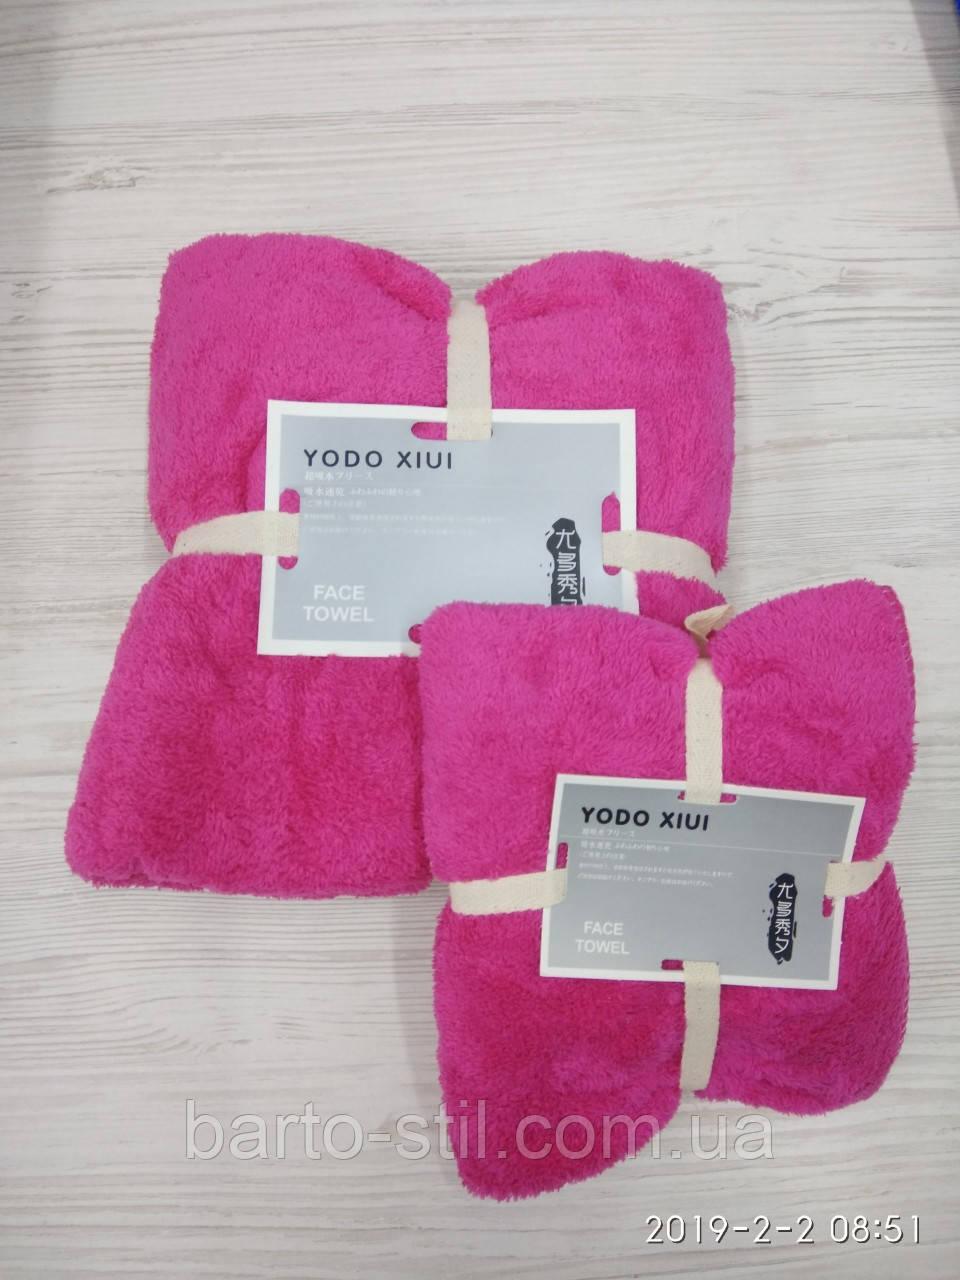 Полотенца (лицо+баня) в подарочной упаковке микрофибра